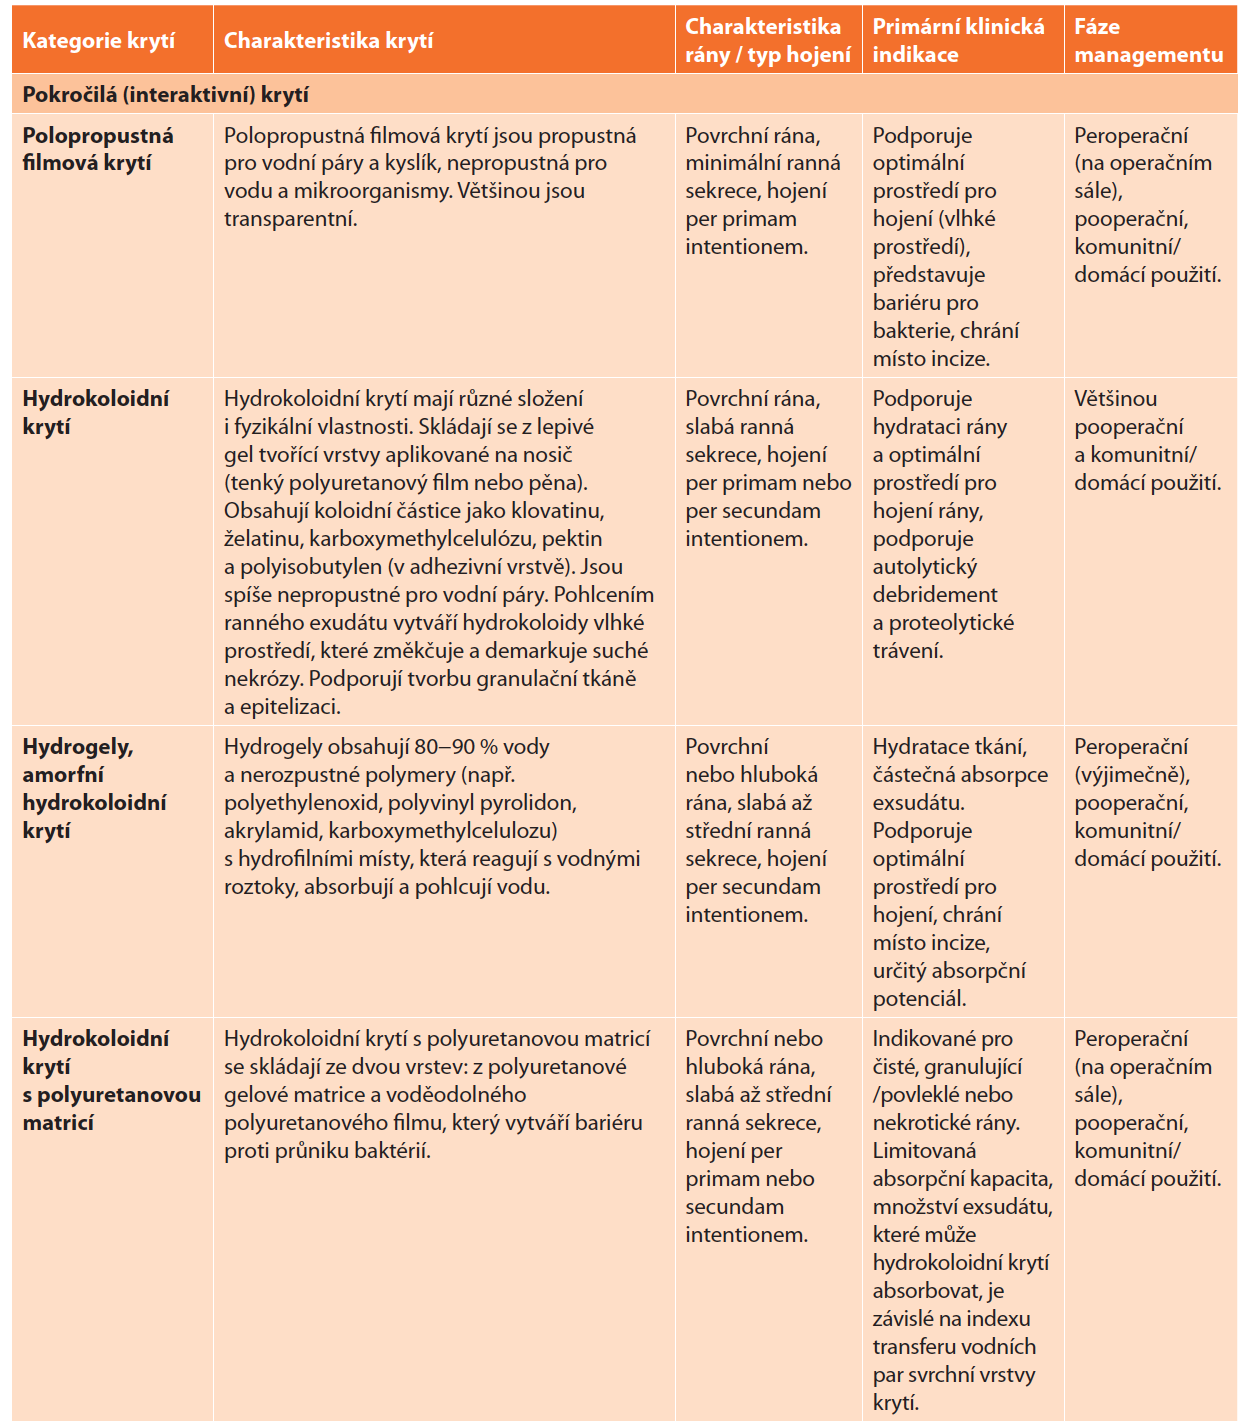 Terapeutická krytí v managementu pooperačních ran <br> Tab. 5: Dressings in the management of surgical wounds